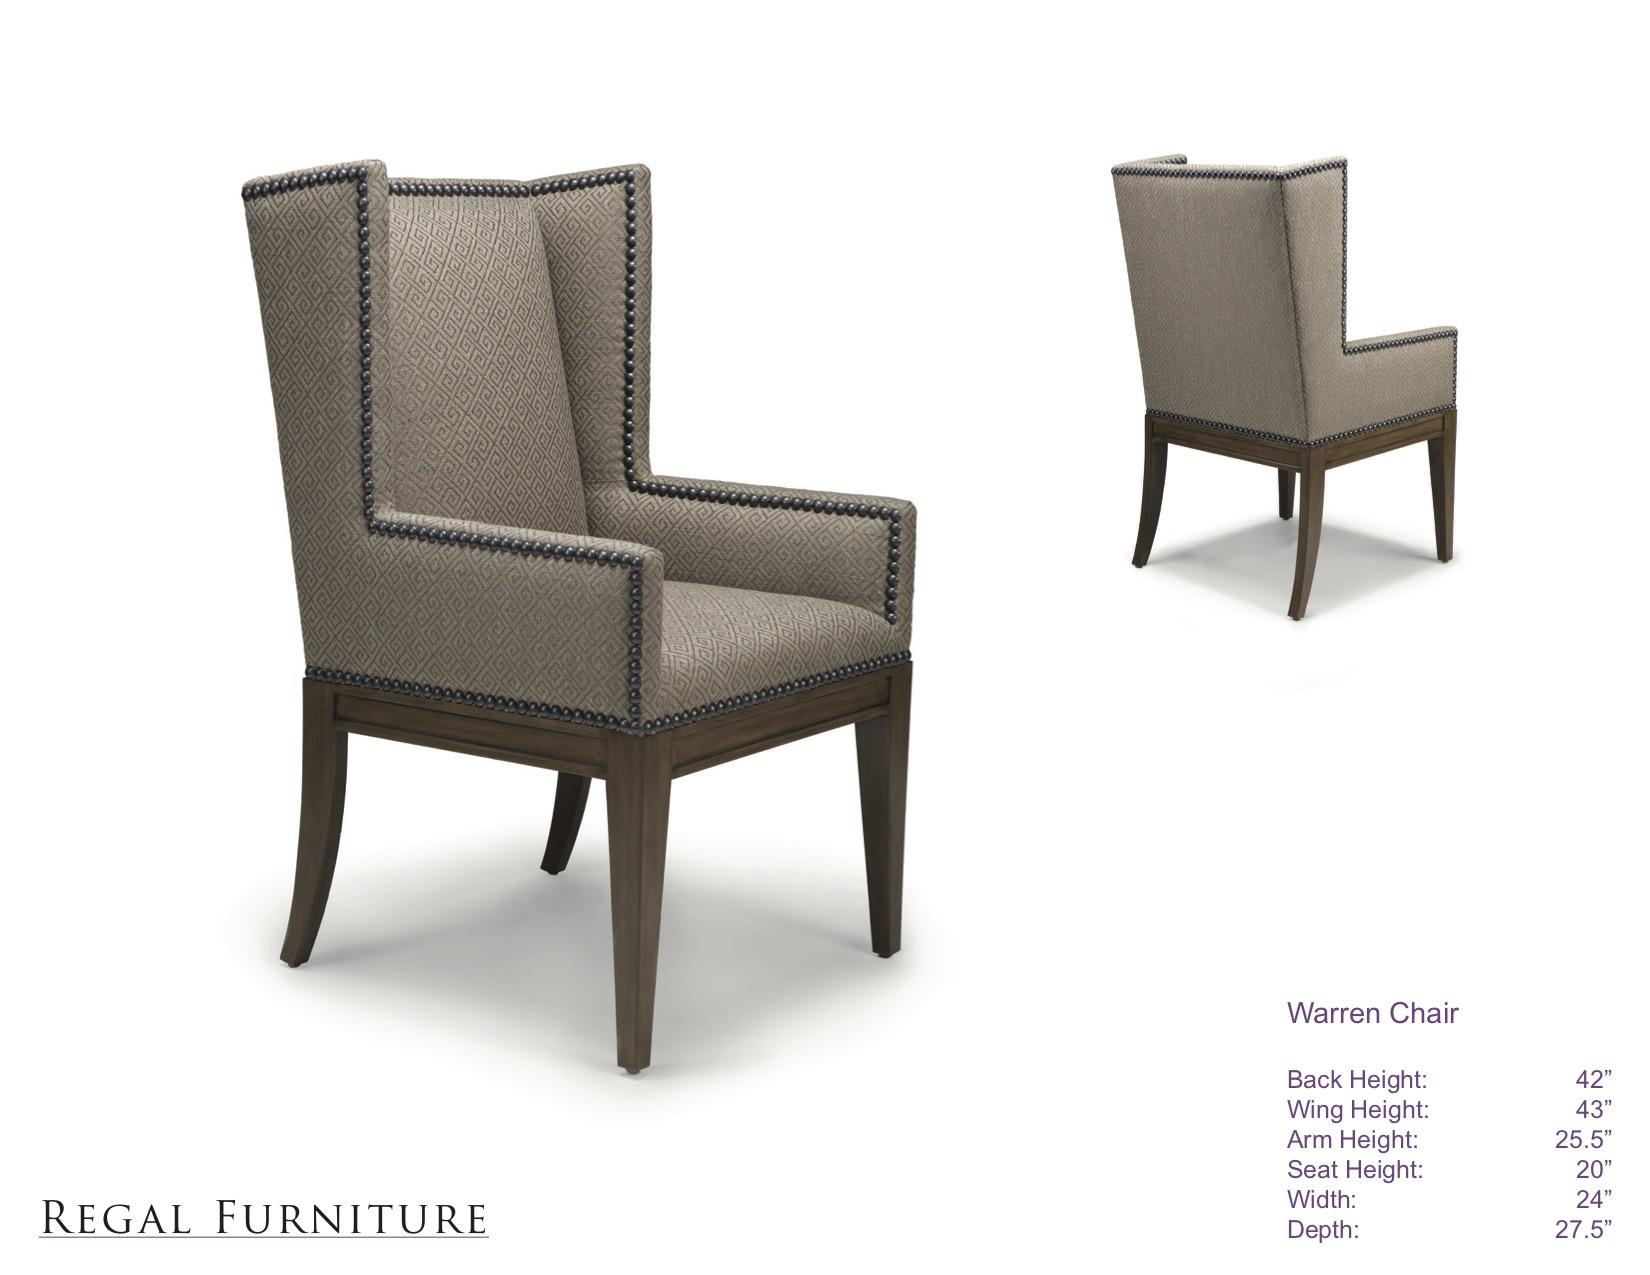 Warren Chair.jpg